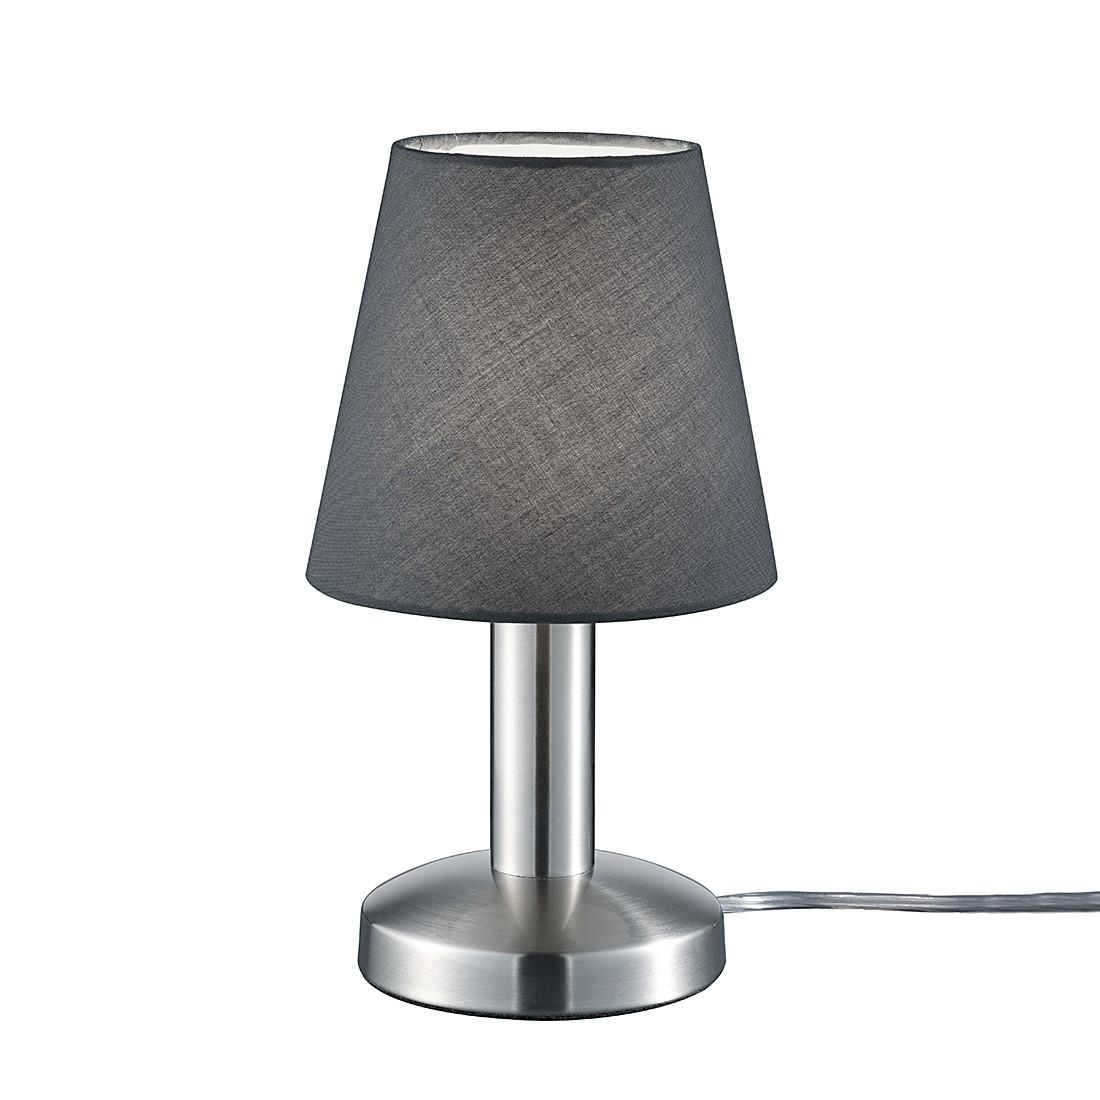 tischleuchte trio preisvergleich die besten angebote online kaufen. Black Bedroom Furniture Sets. Home Design Ideas